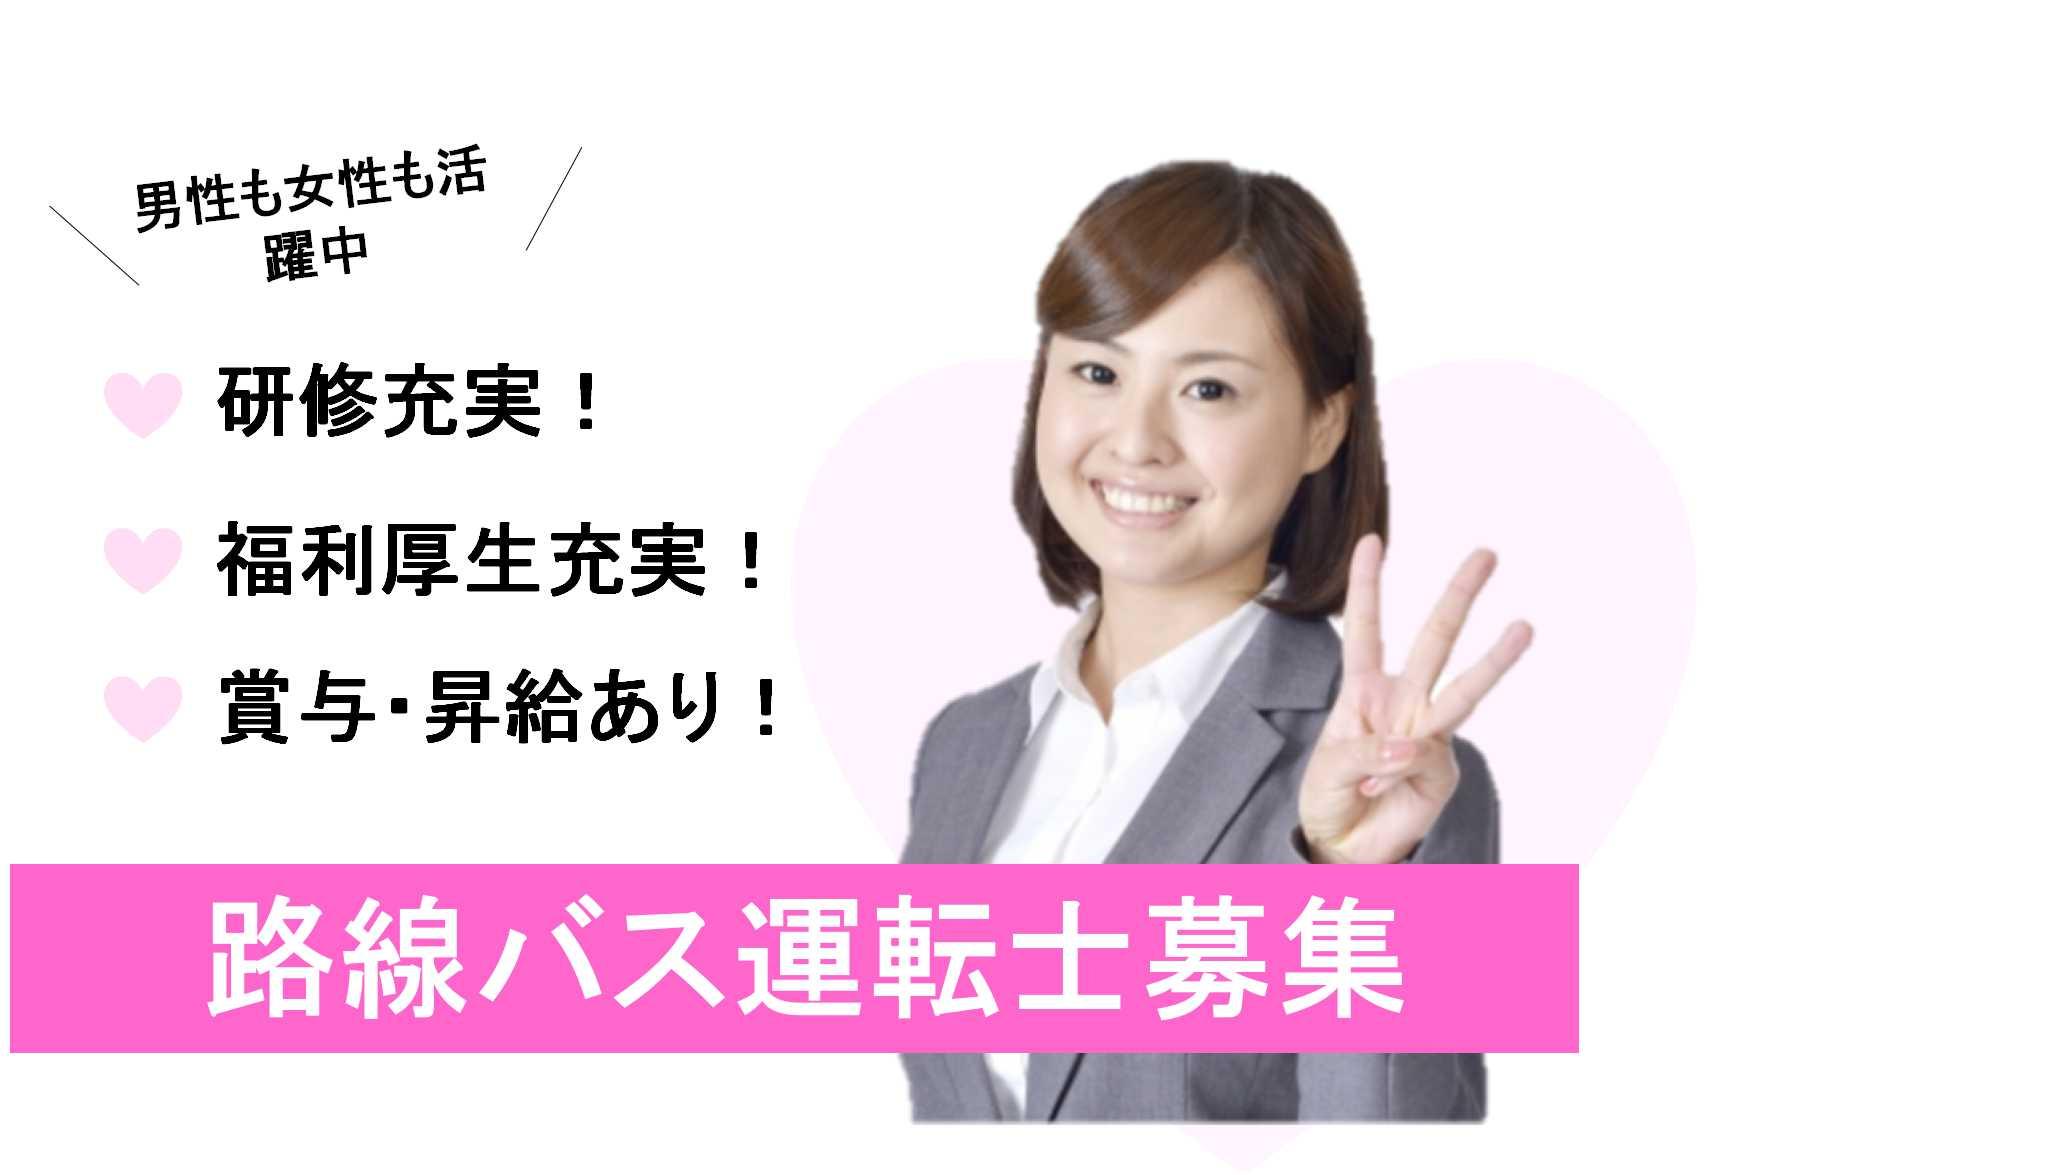 桑名市で路線バス運転士のお仕事♪大型二種免許養成制度あり!【即面談可能】 イメージ